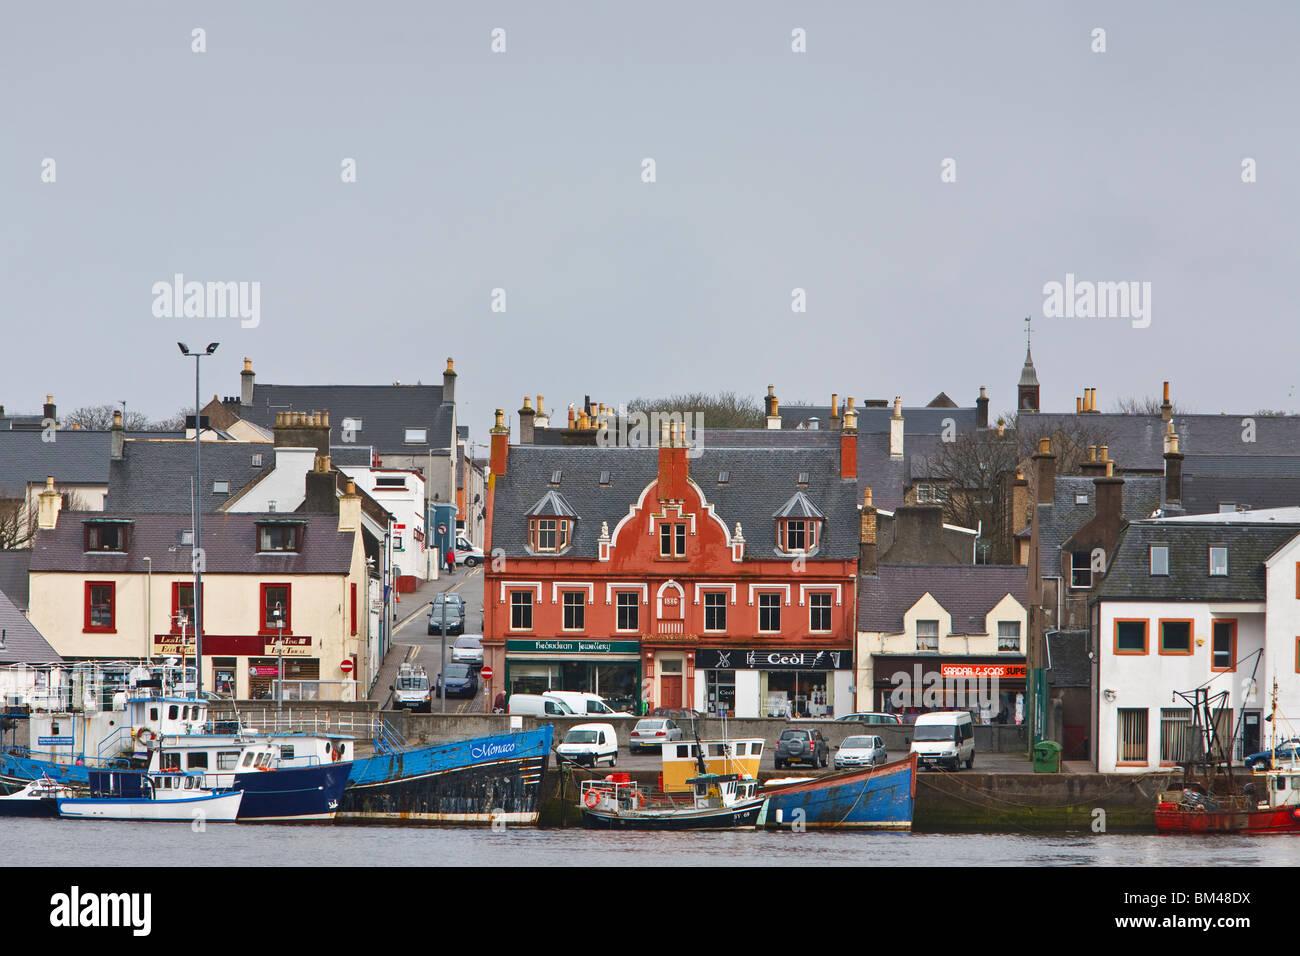 Stornoway Harbour. - Stock Image